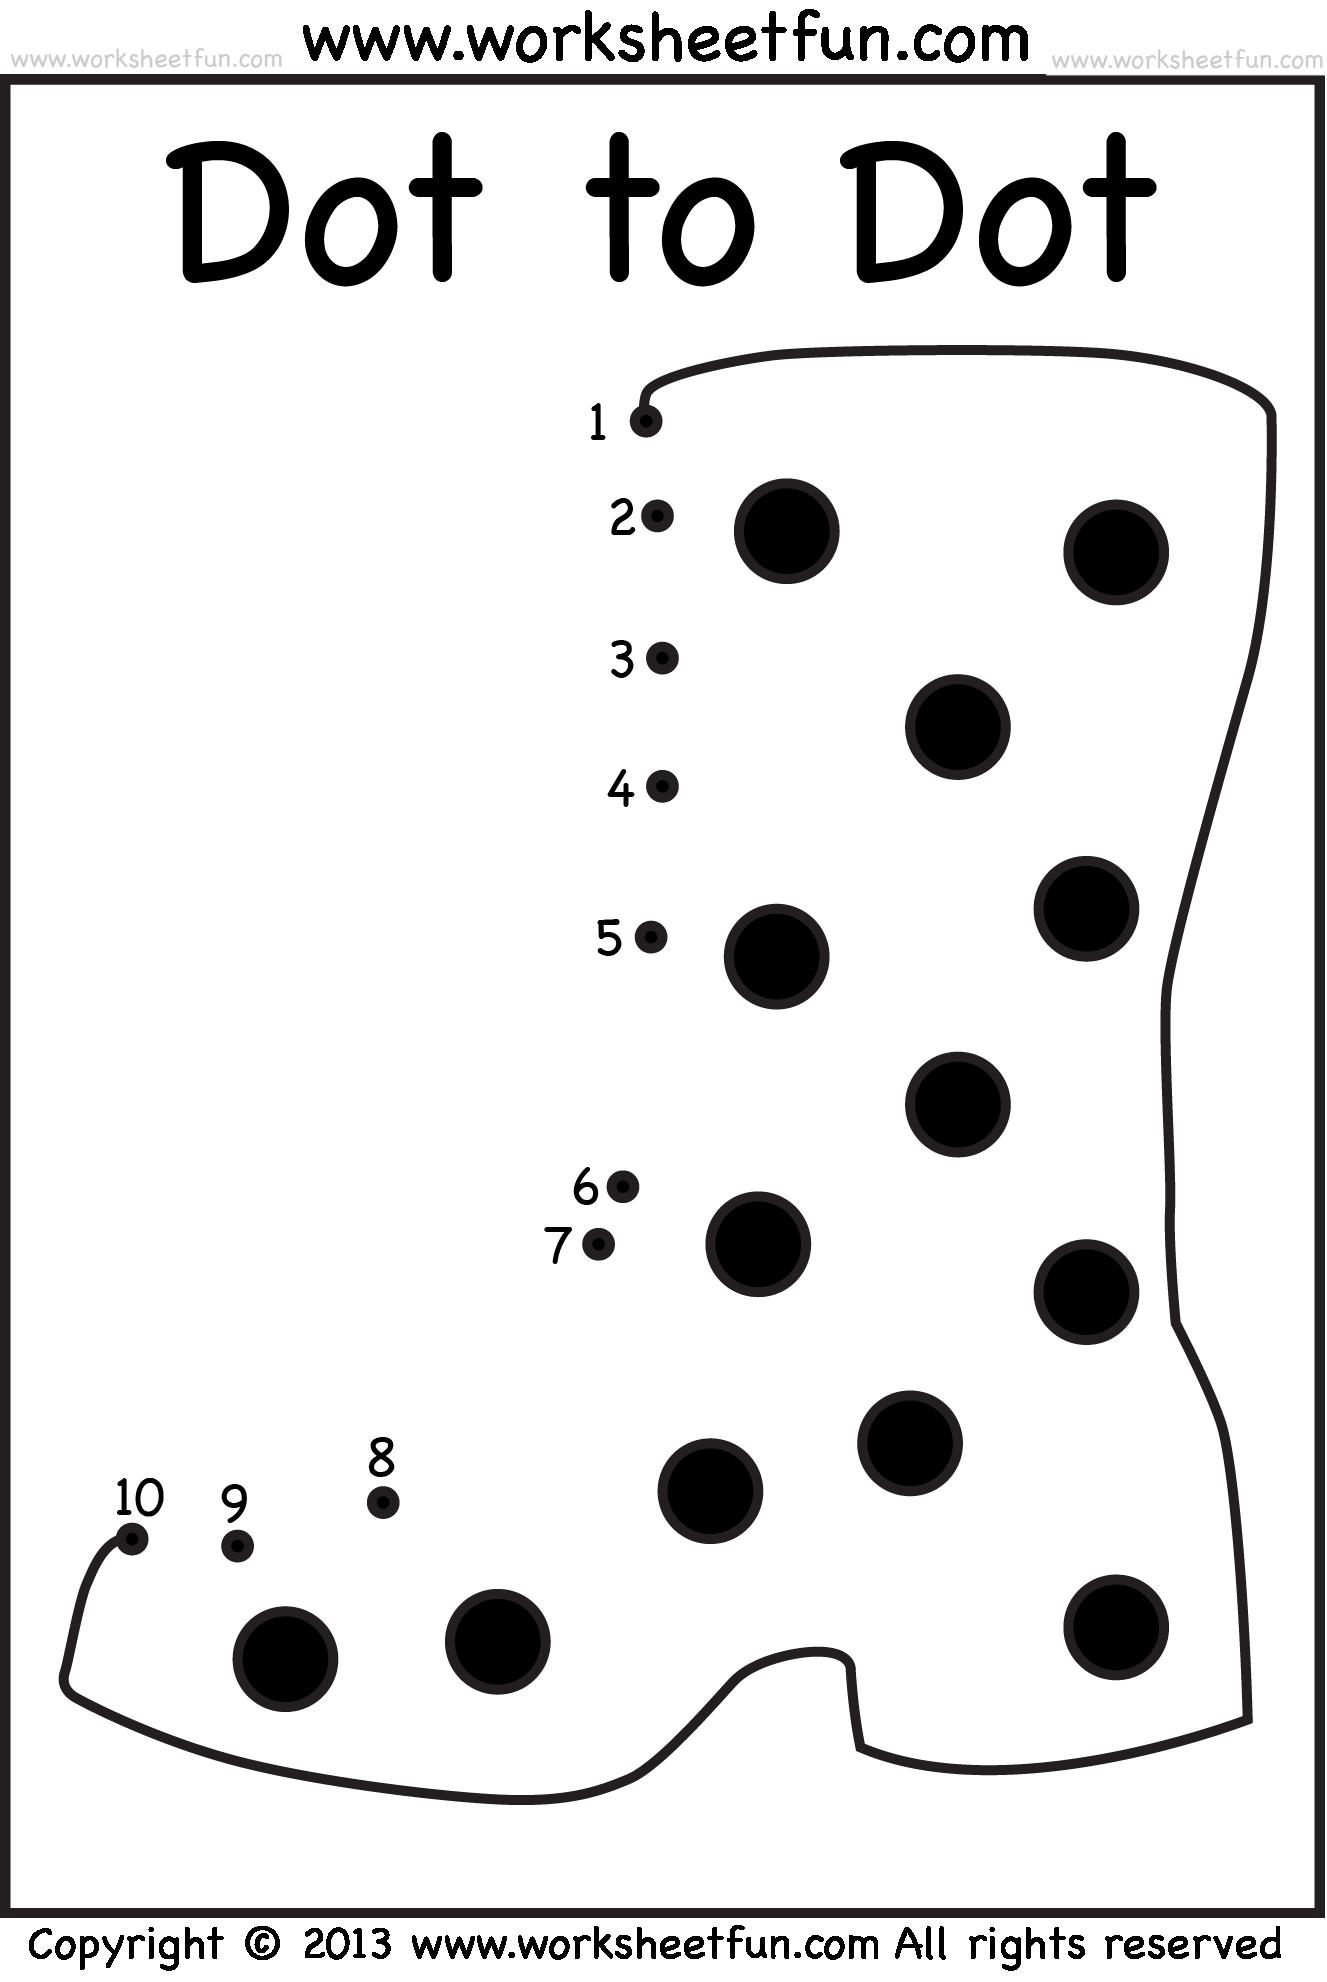 Dot To Dot Wfun 5 1 327 1 982 Pixels